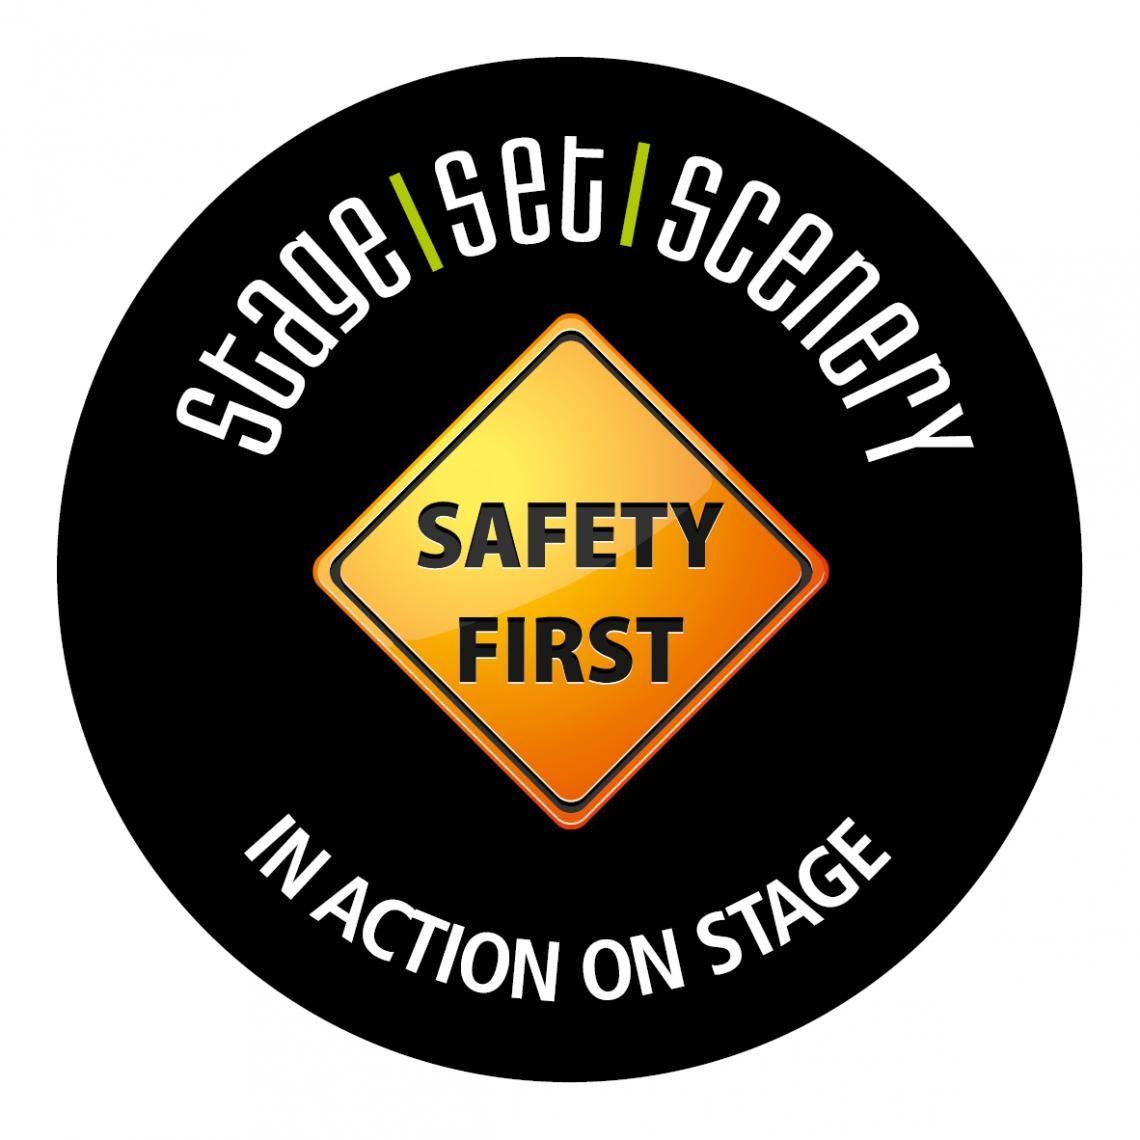 Besuchersicherheit ist großes Thema auf der Stage/Set/Scenery in Berlin vom 9. bis 11. Juni 2015